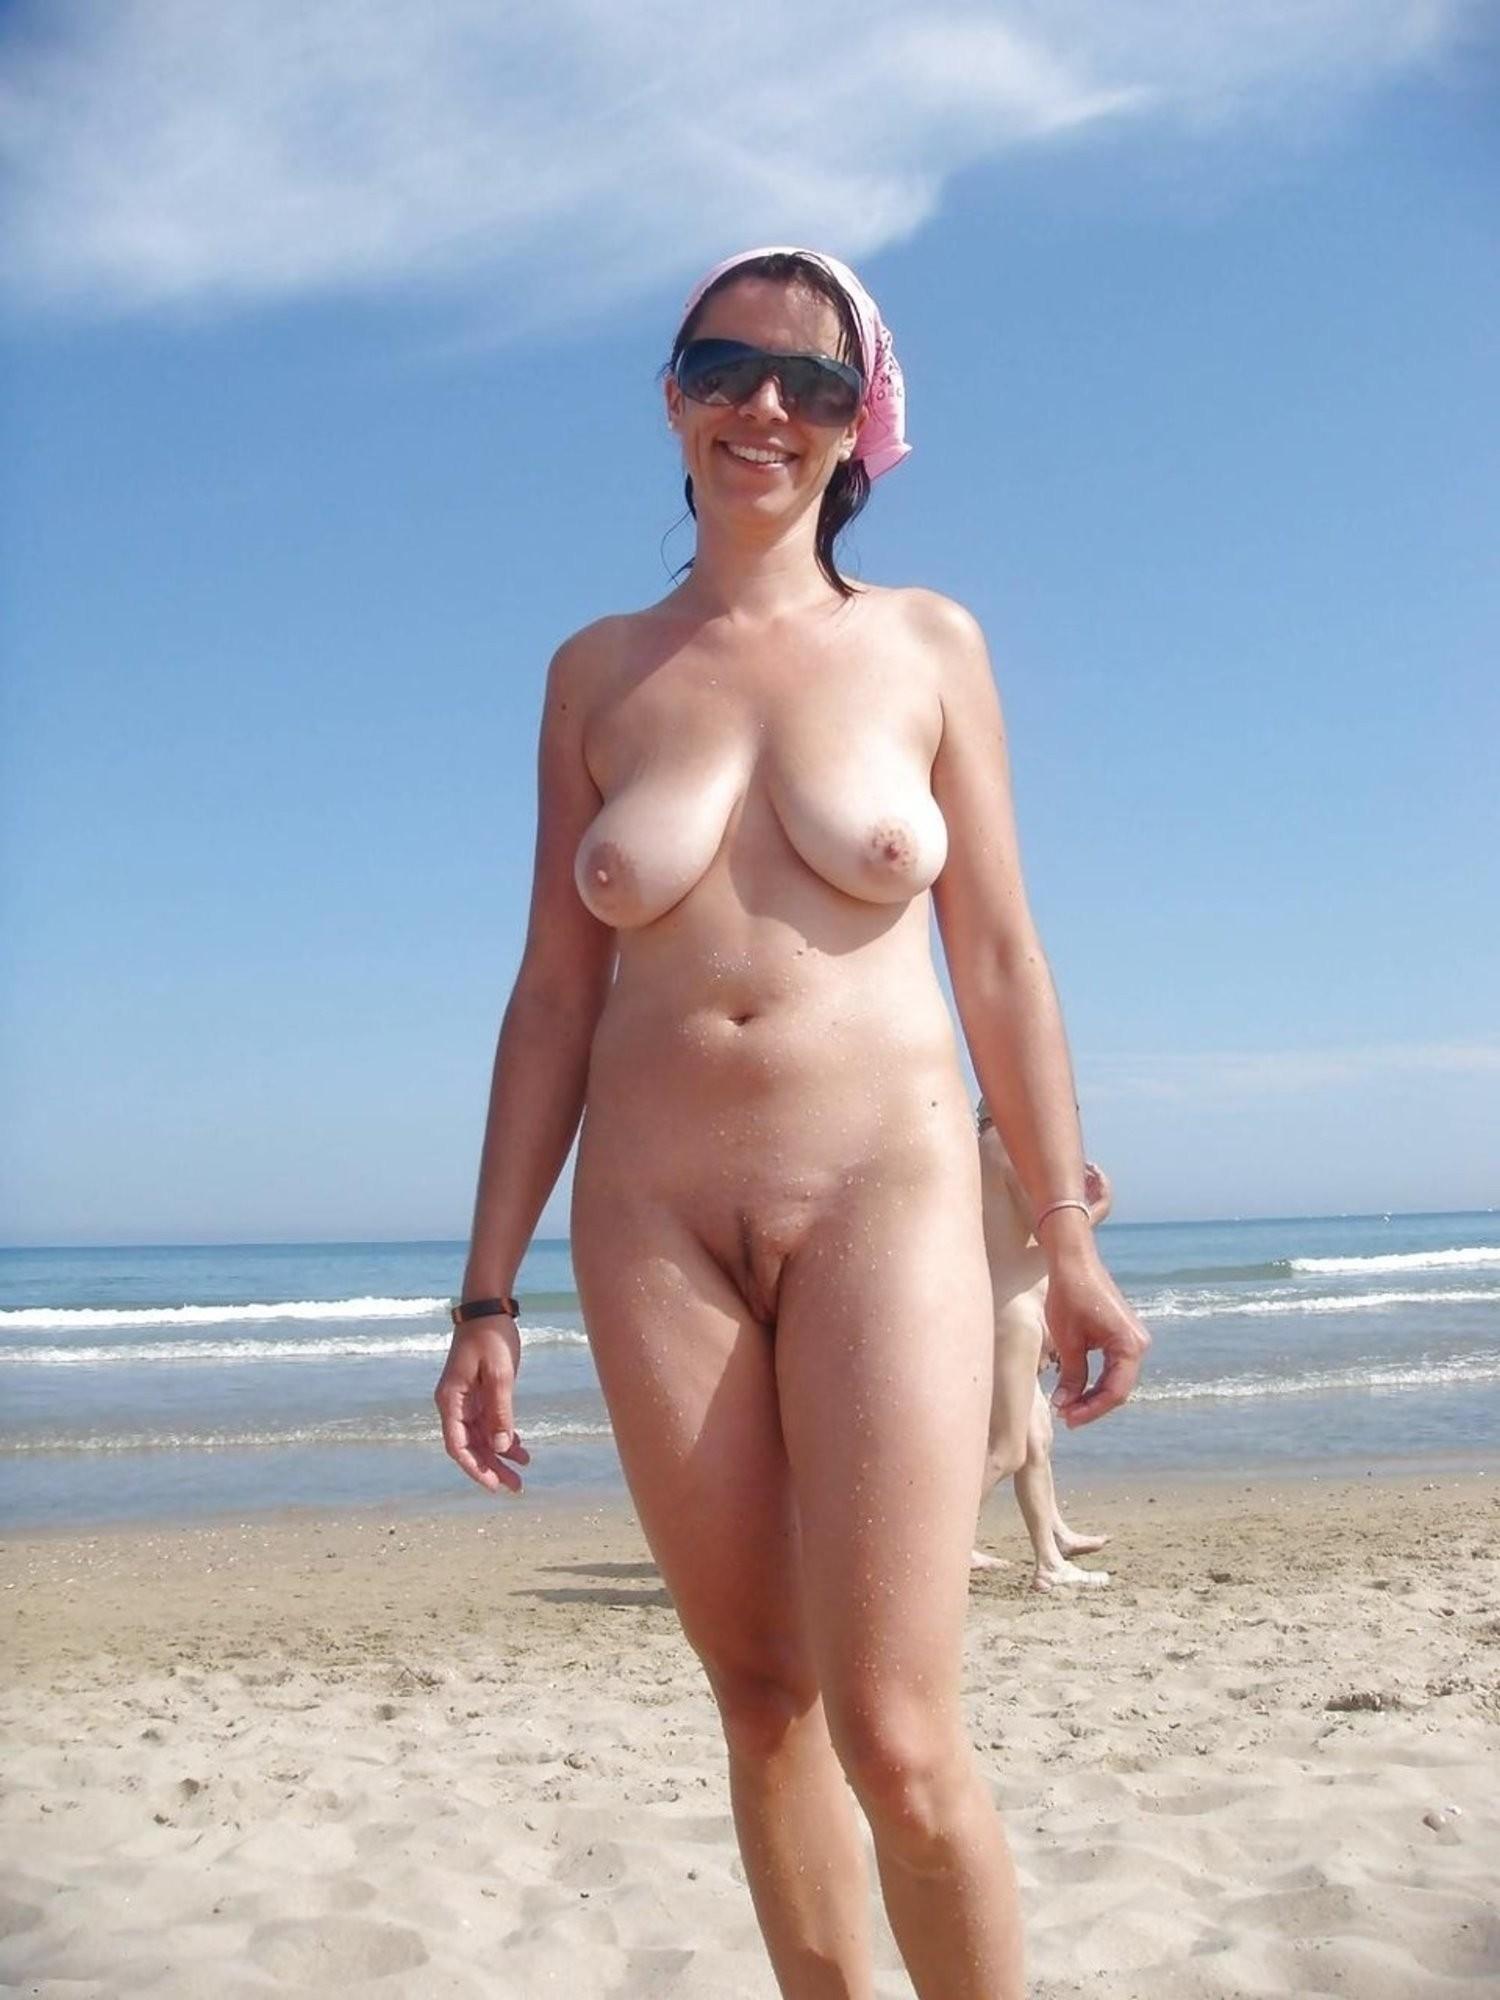 foto-golie-zrelie-na-more